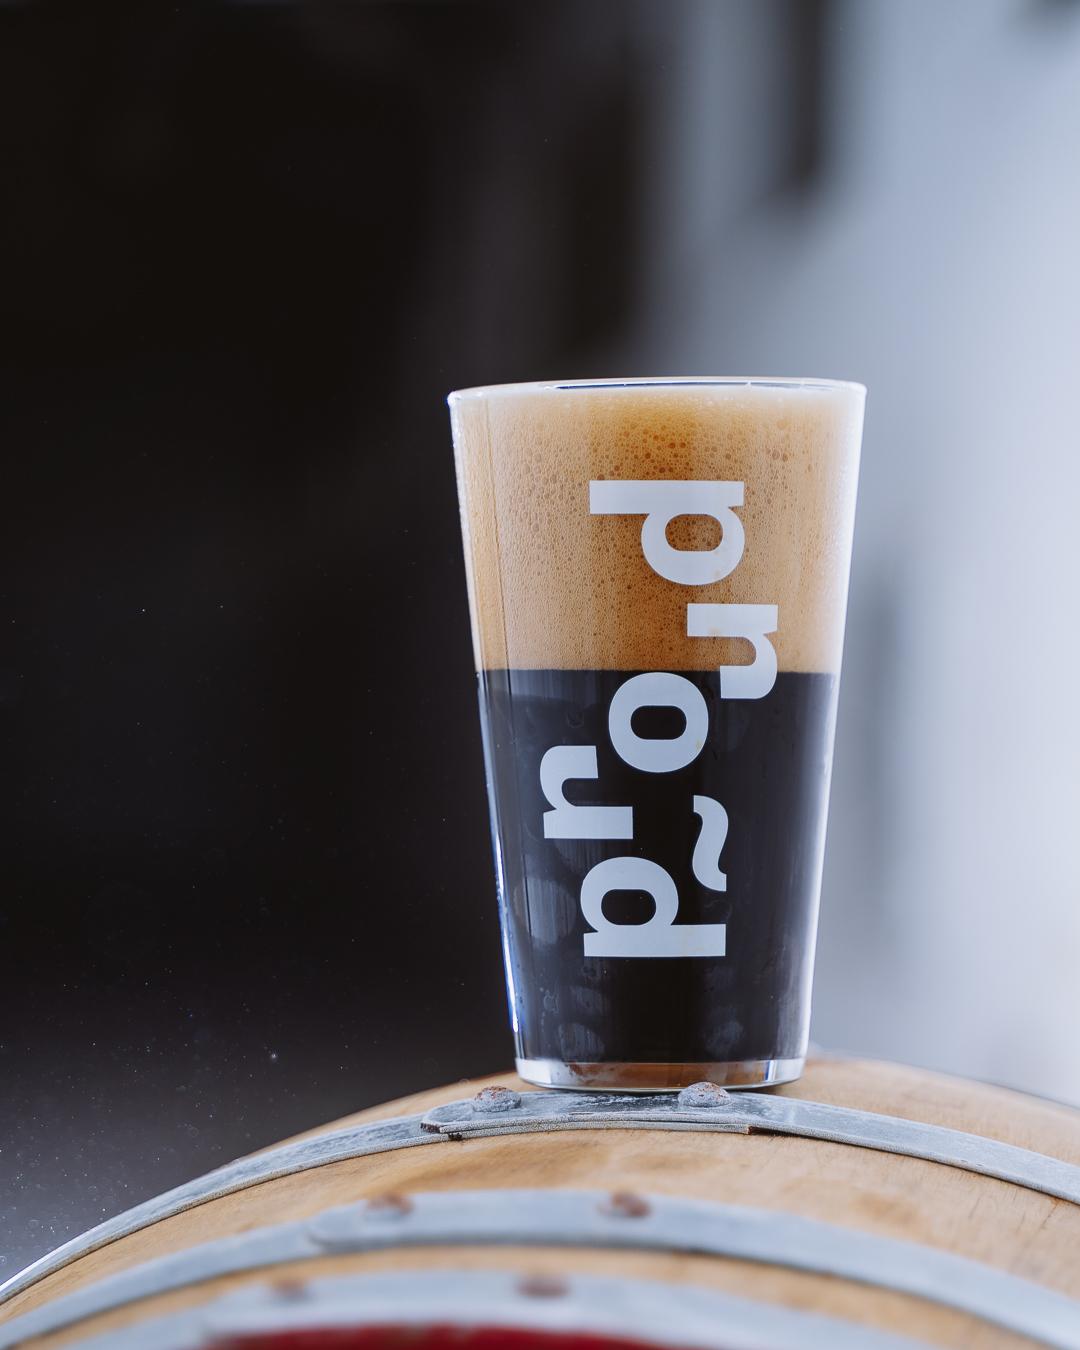 V Plzni zahájil provoz experimentální minipivovar PROUD – nabídne pivní speciály včetně malých sérií piv